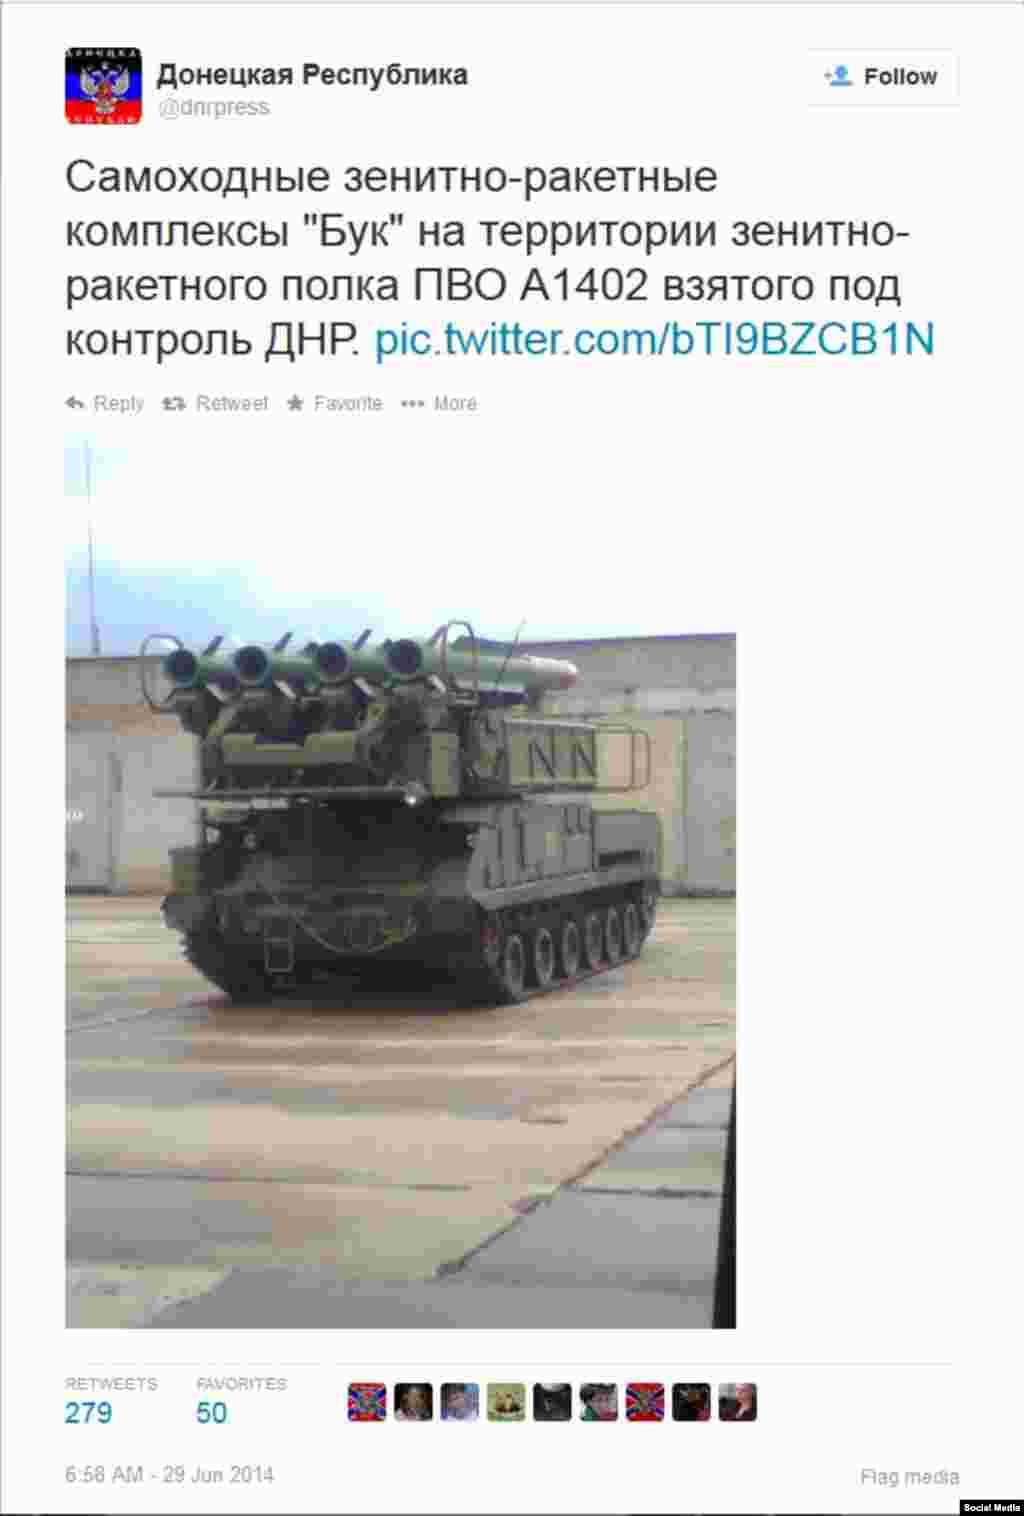 Публікація в твітері так званої «Донецкой республики» про заволодіння бойовиками зенітно-ракетного комплексу«Бук», 29 червня 2014 року